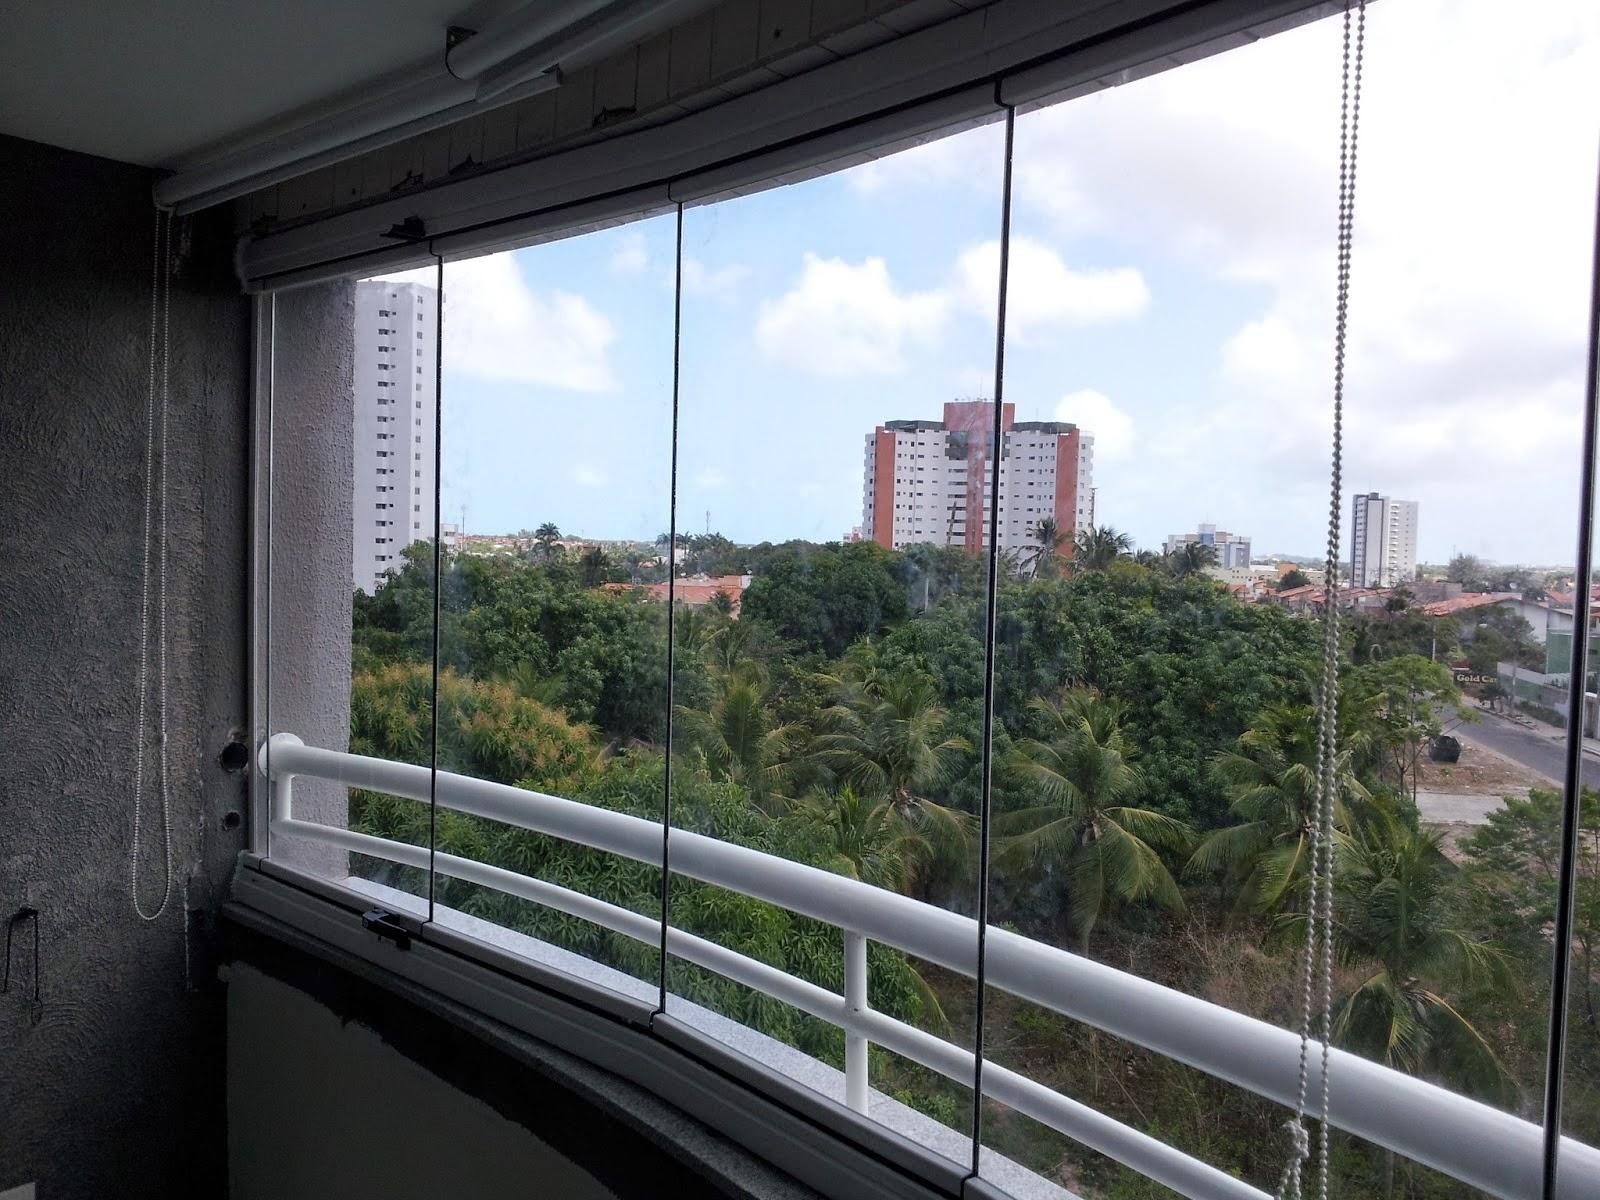 #2D609E Criativo Vidraçaria: Cortina de vidro em Fortaleza 128 Janelas De Vidro Fortaleza Ce